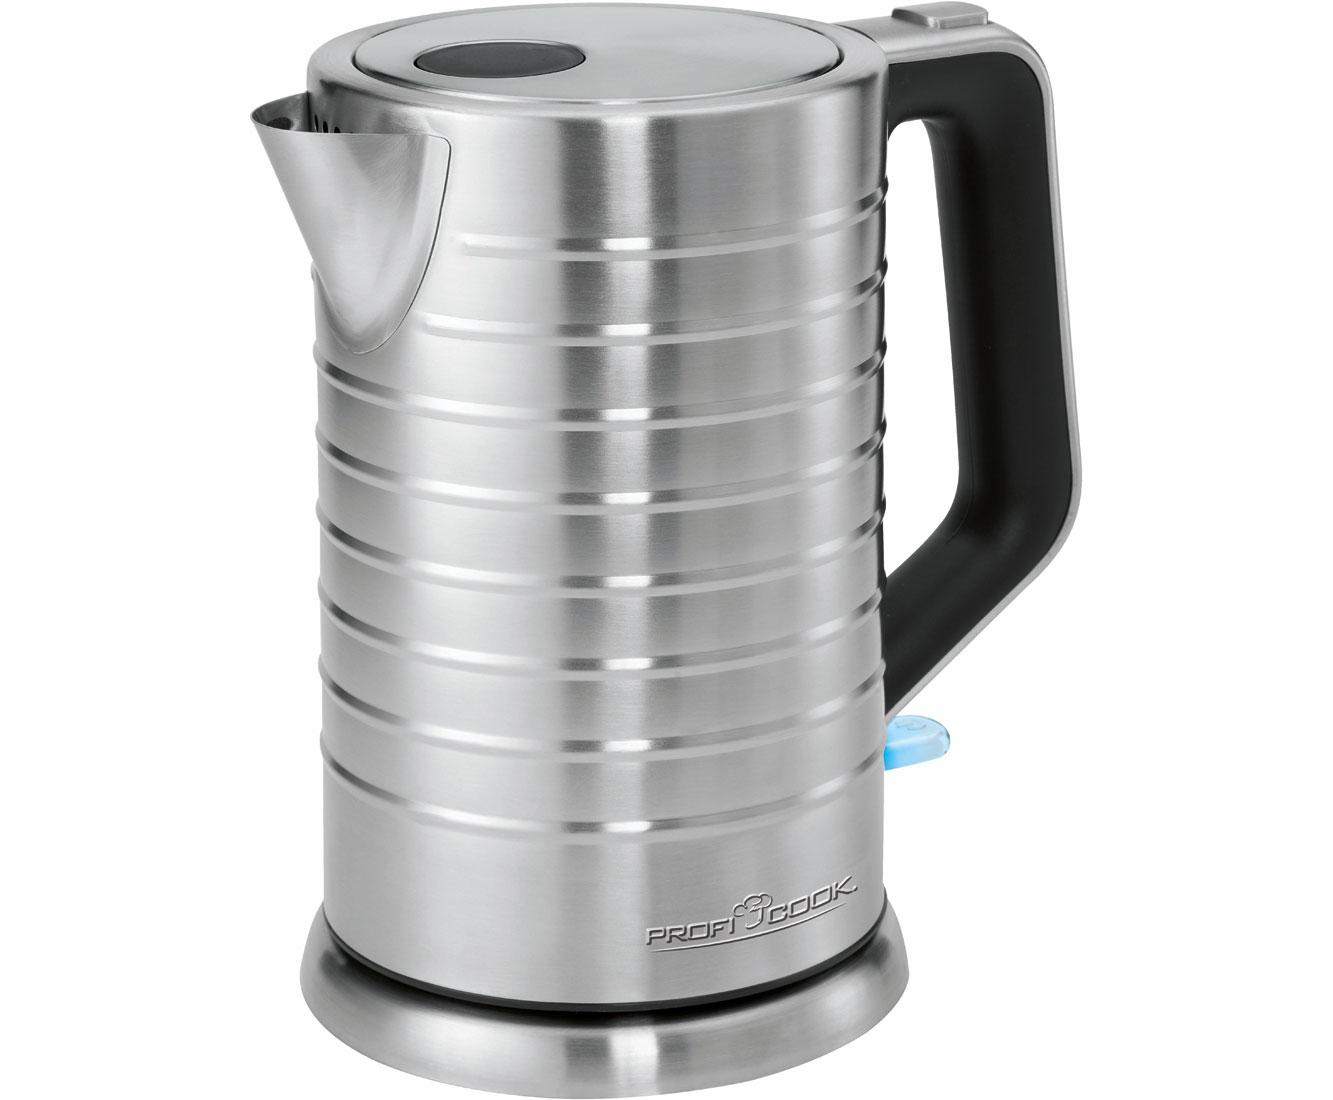 ProfiCook PC-WKS 1119 Wasserkocher & Toaster - Edelstahl   Küche und Esszimmer > Küchengeräte > Toaster   Edelstahl   ProfiCook